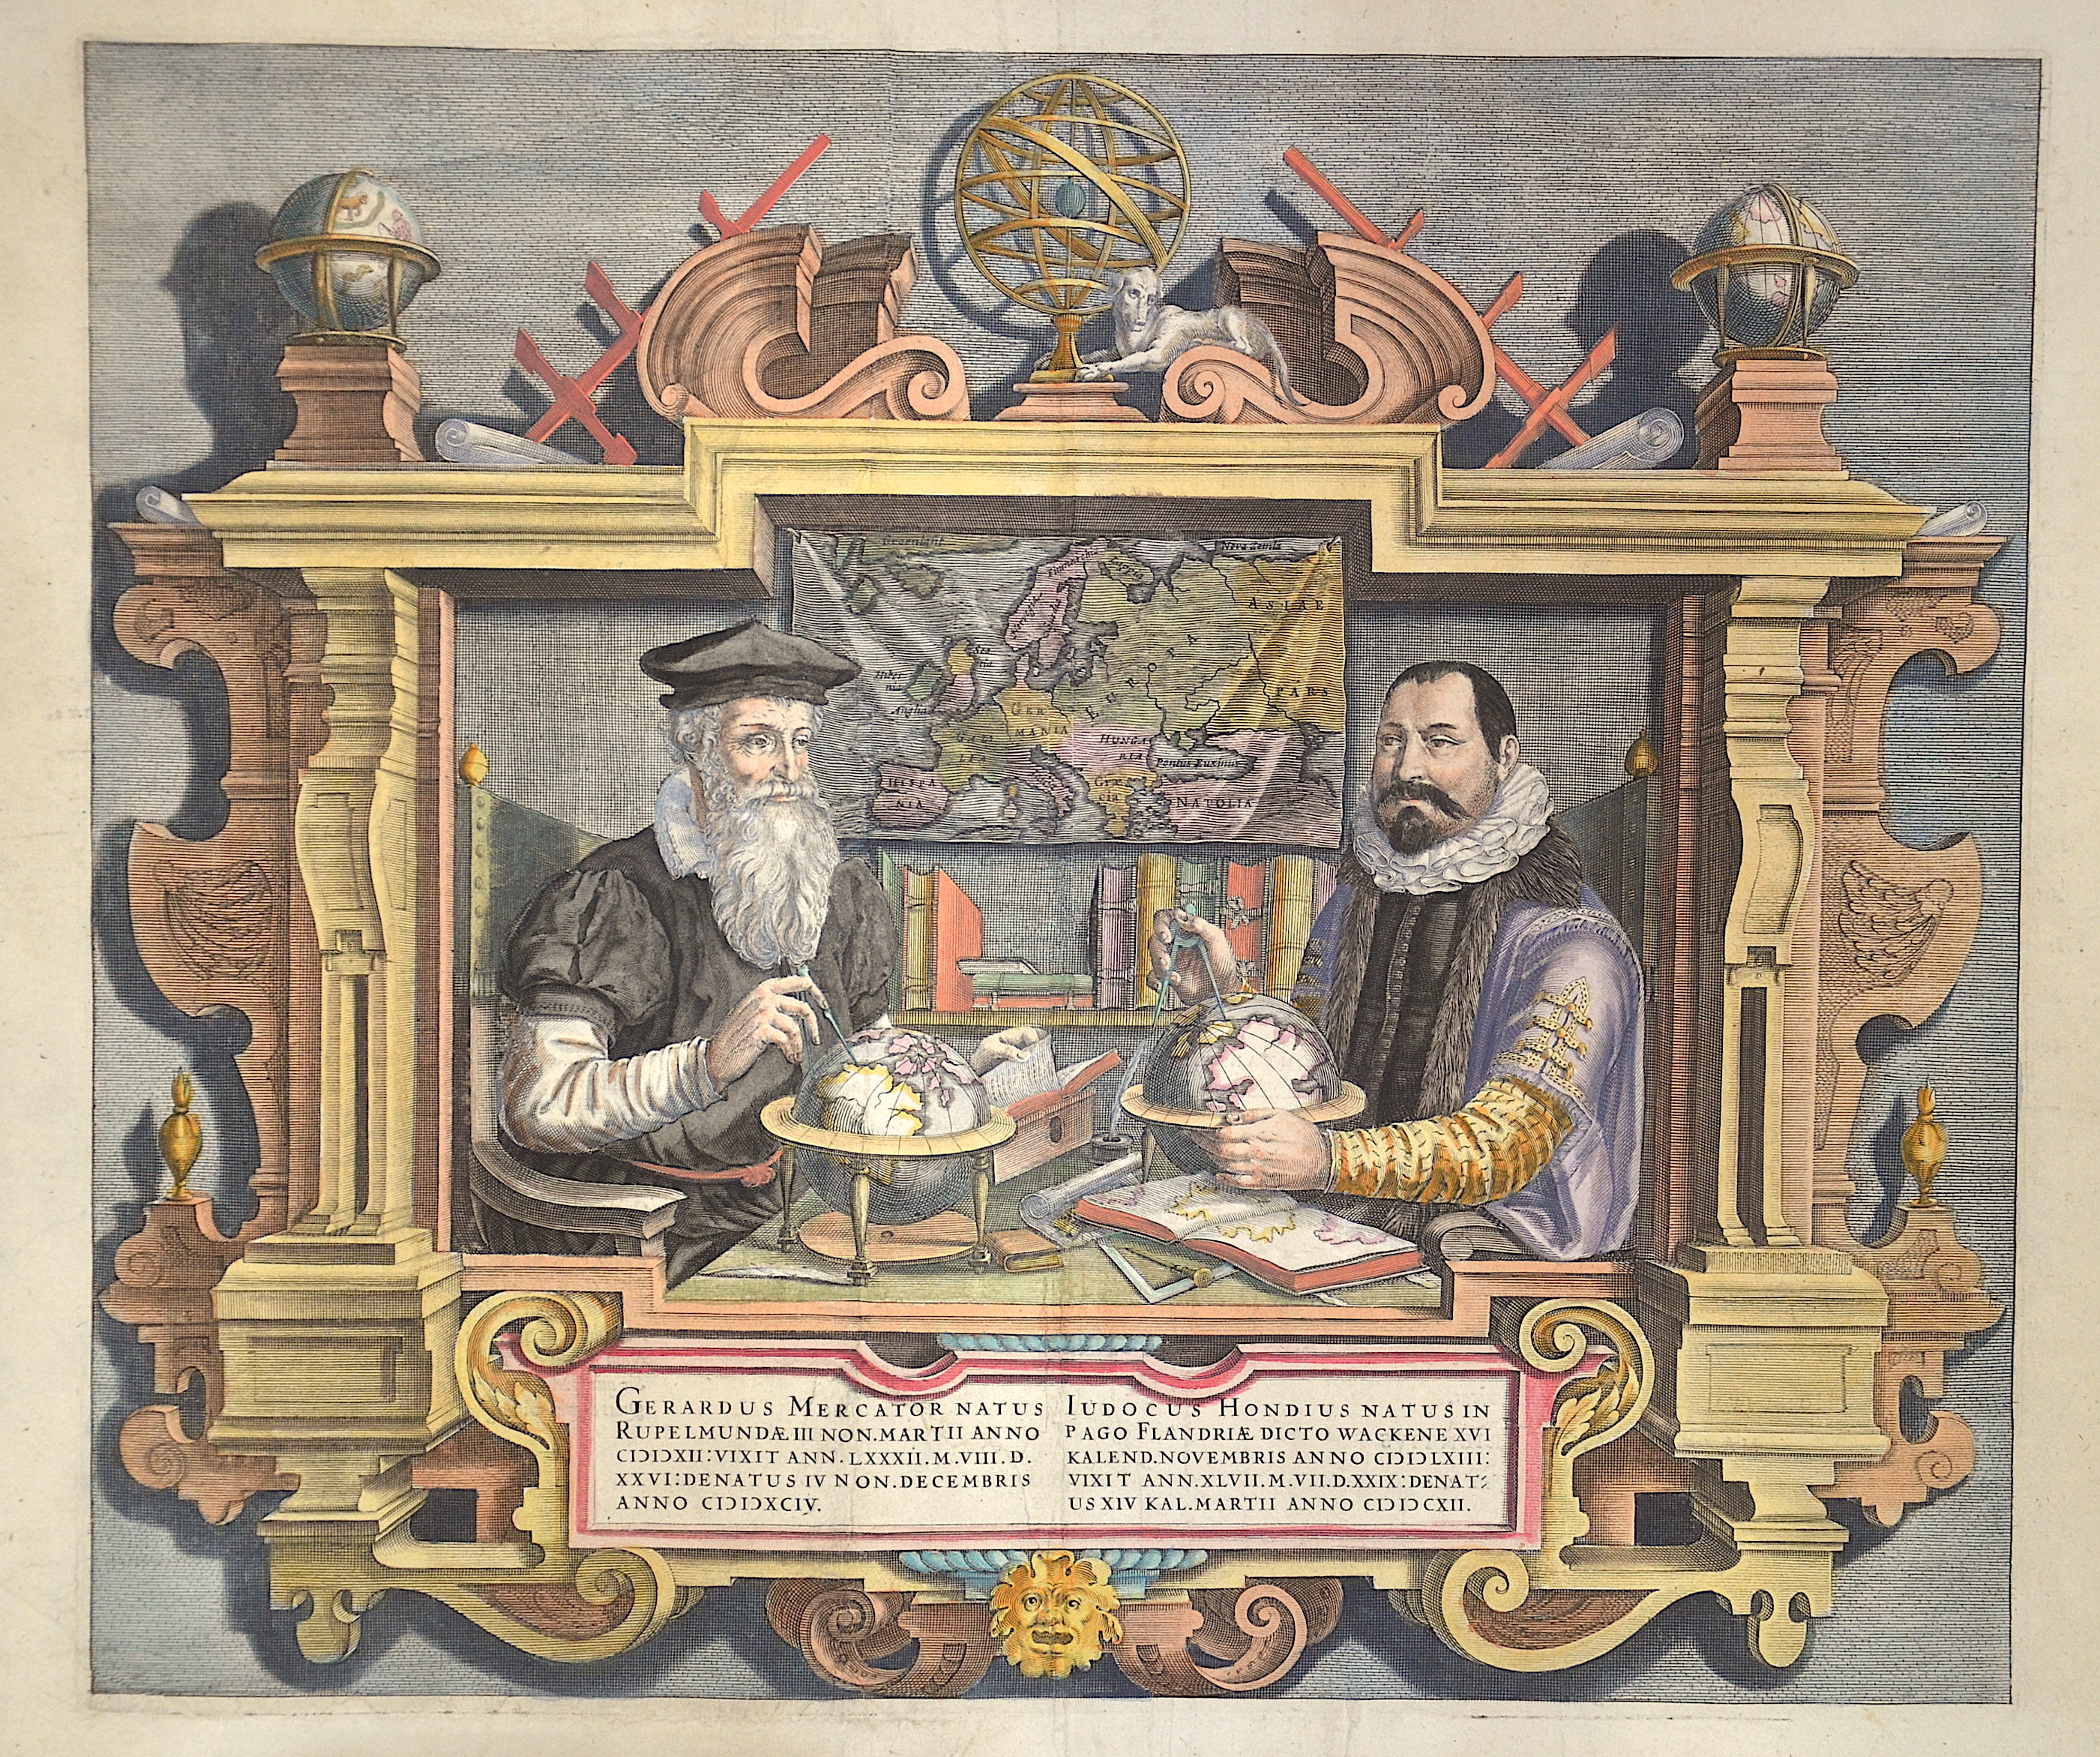 Mercator-Van den Keere Coletta Gerardus Mercator Natus Rupelmundiae … Iudocus Hondius Natus in Pago Flandriae dicto Wackene